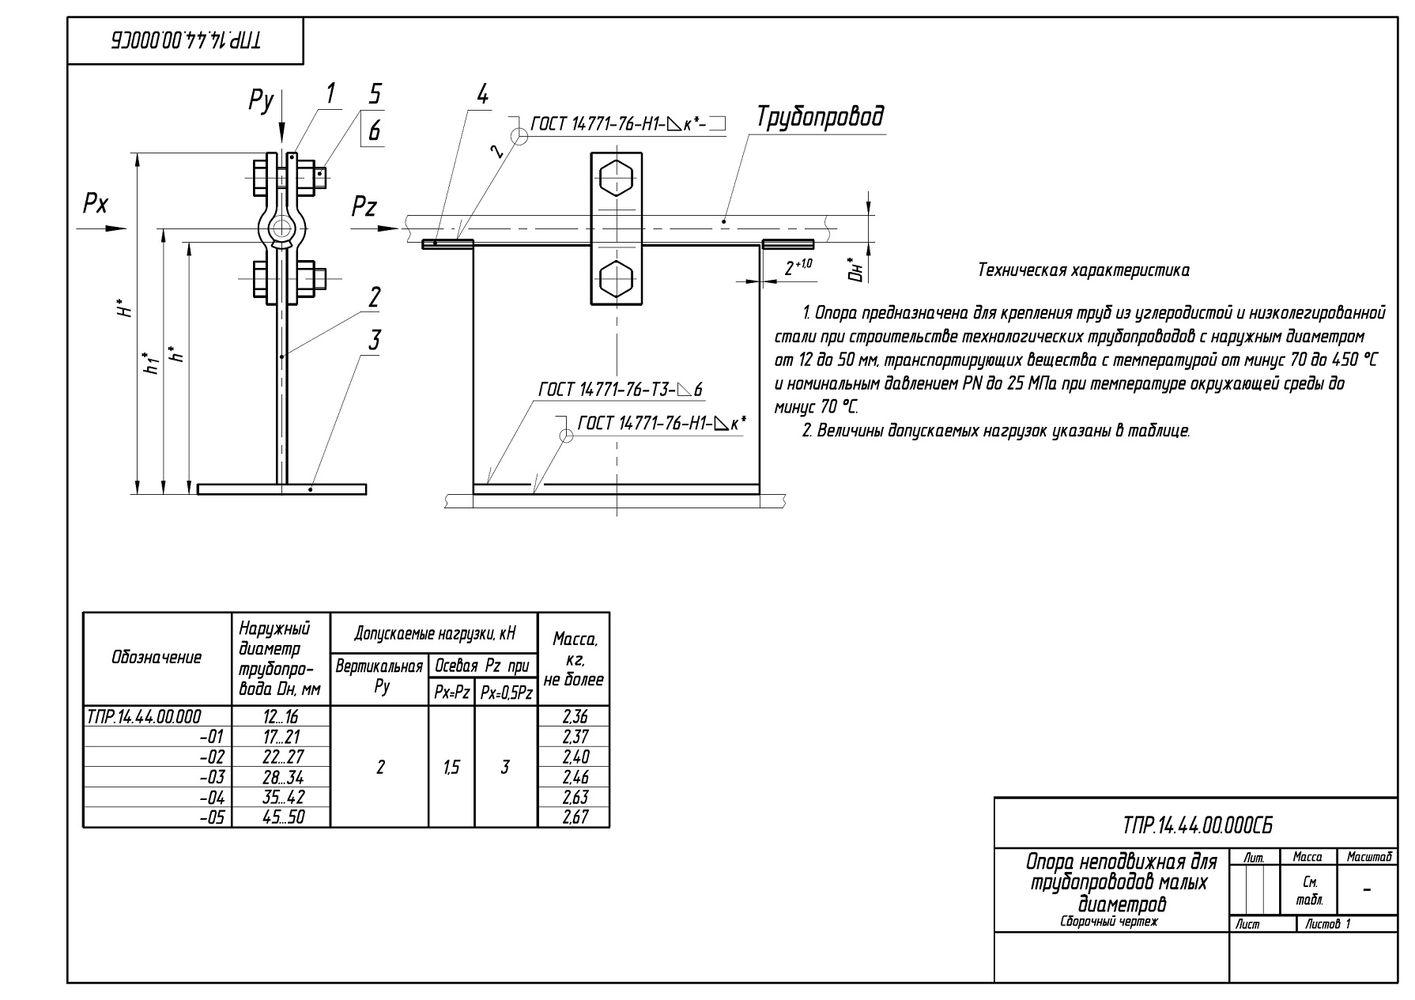 ТПР.14.44.00.000 Опоры неподвижные для трубопроводов малых диаметров Дн 12-50 мм